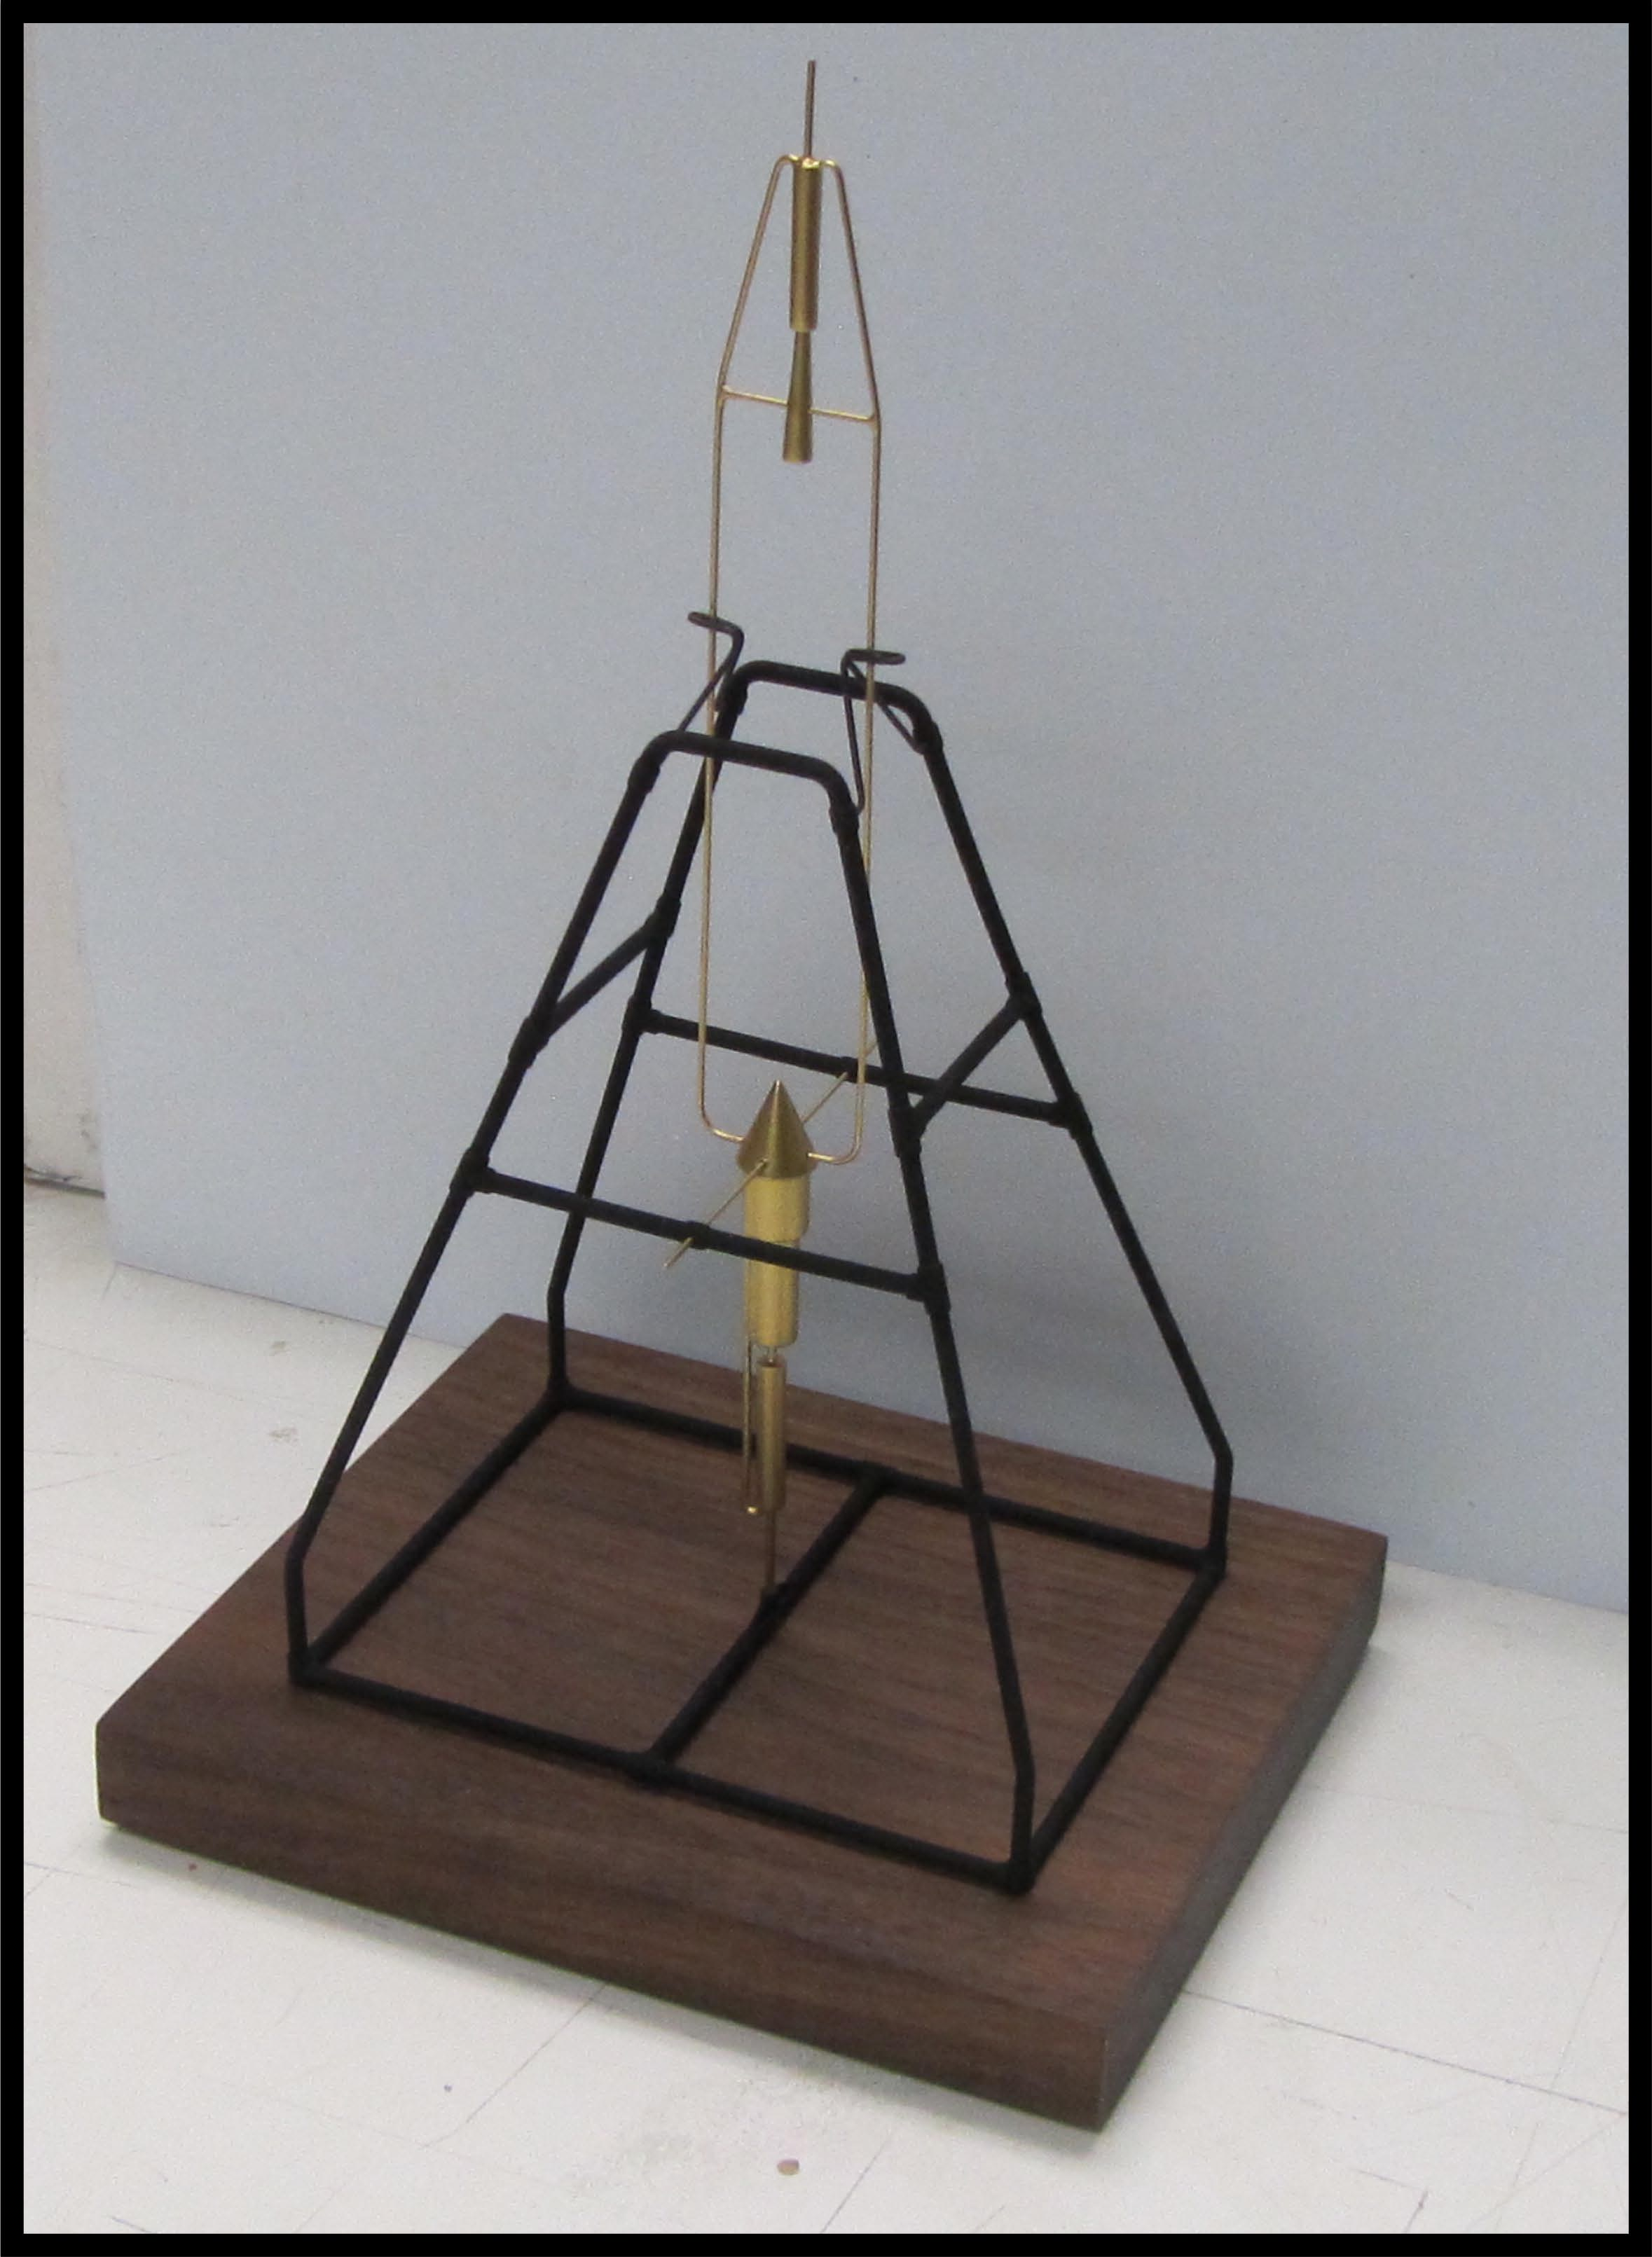 Desktop Rocket Model